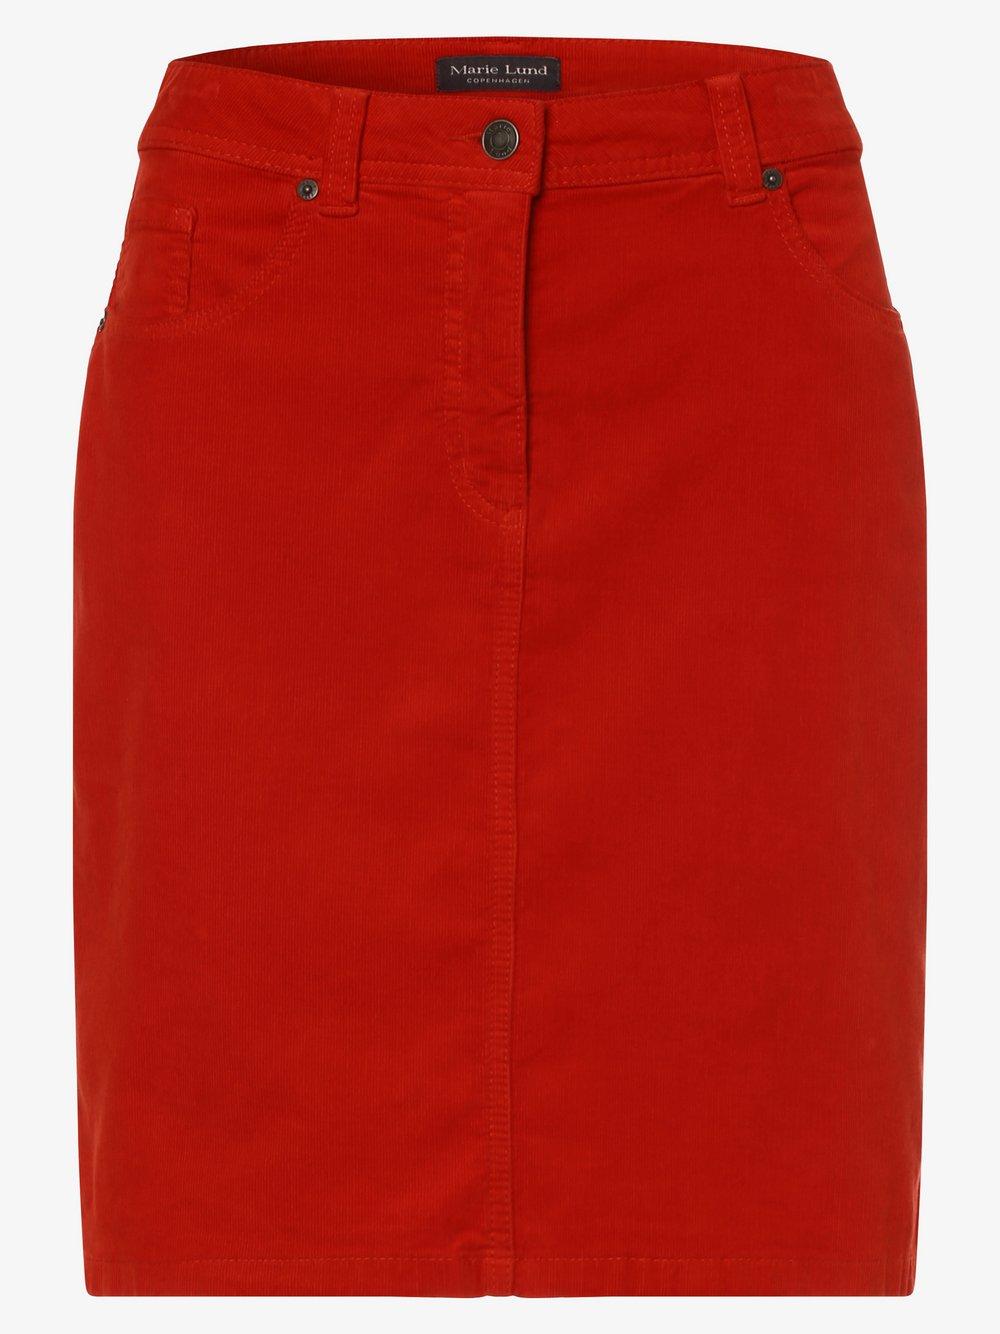 Marie Lund - Spódnica damska, czerwony